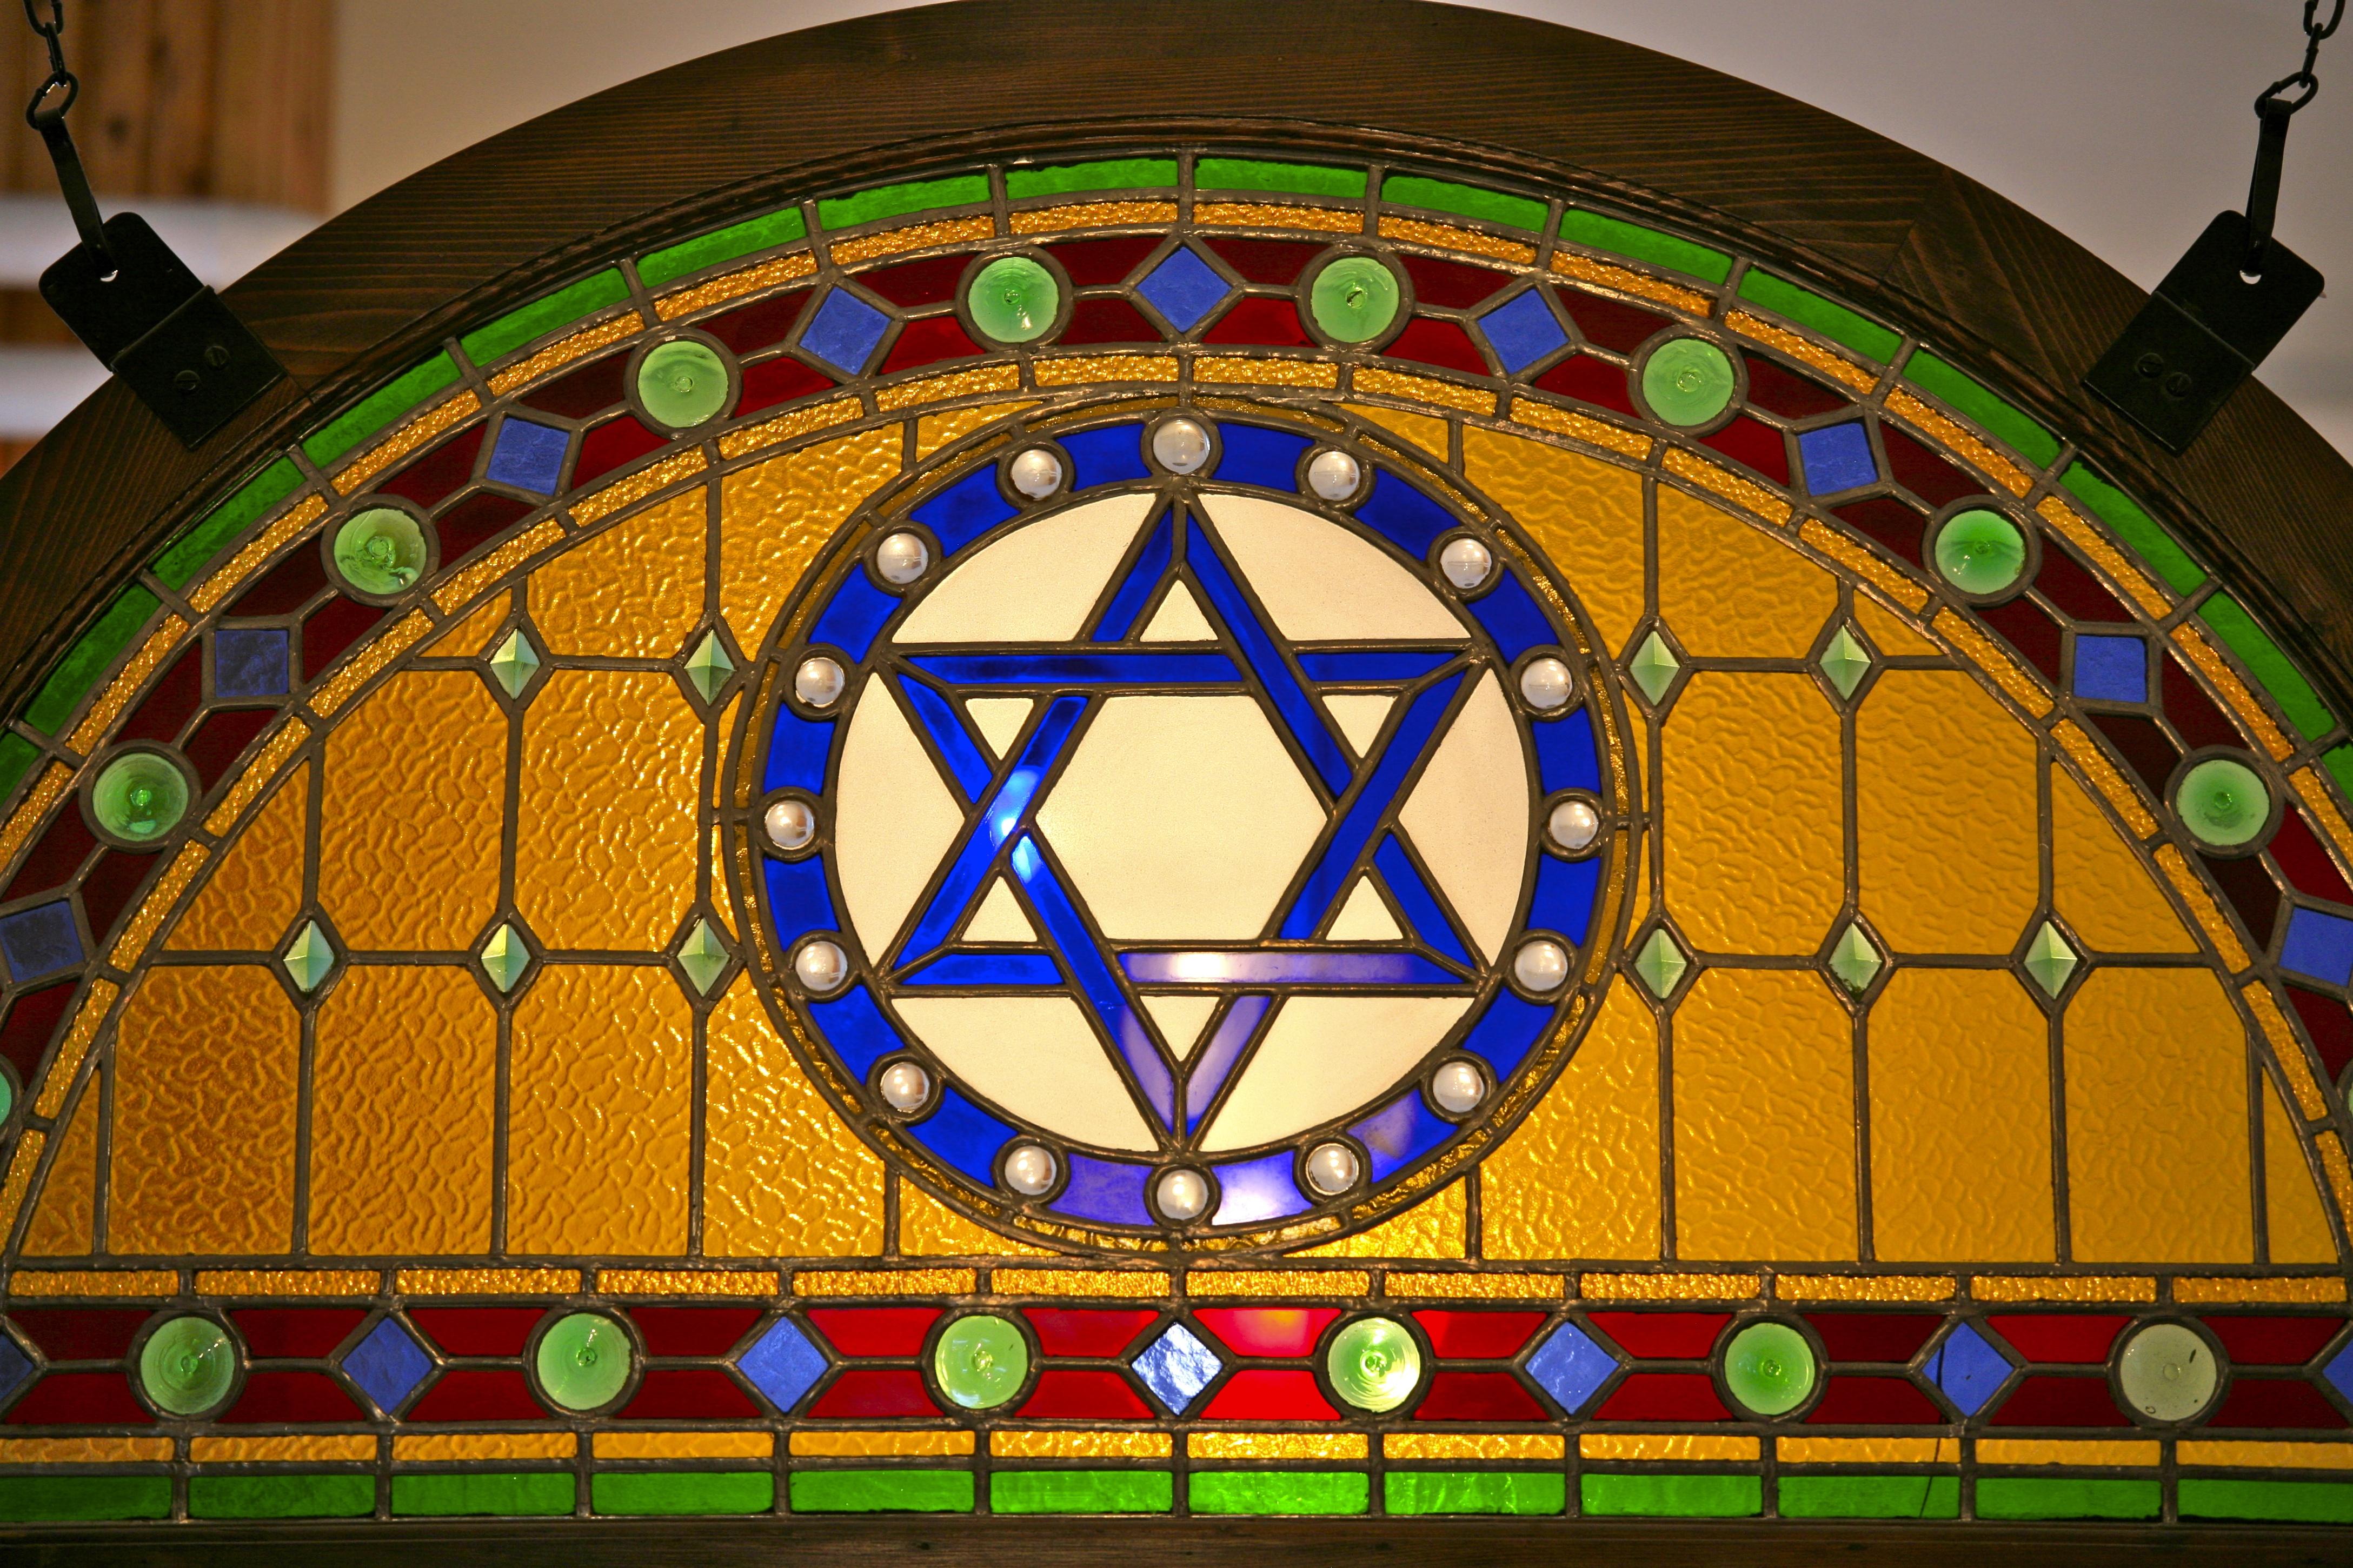 Jewish_Star%3B_Star_of_David_(6002048043